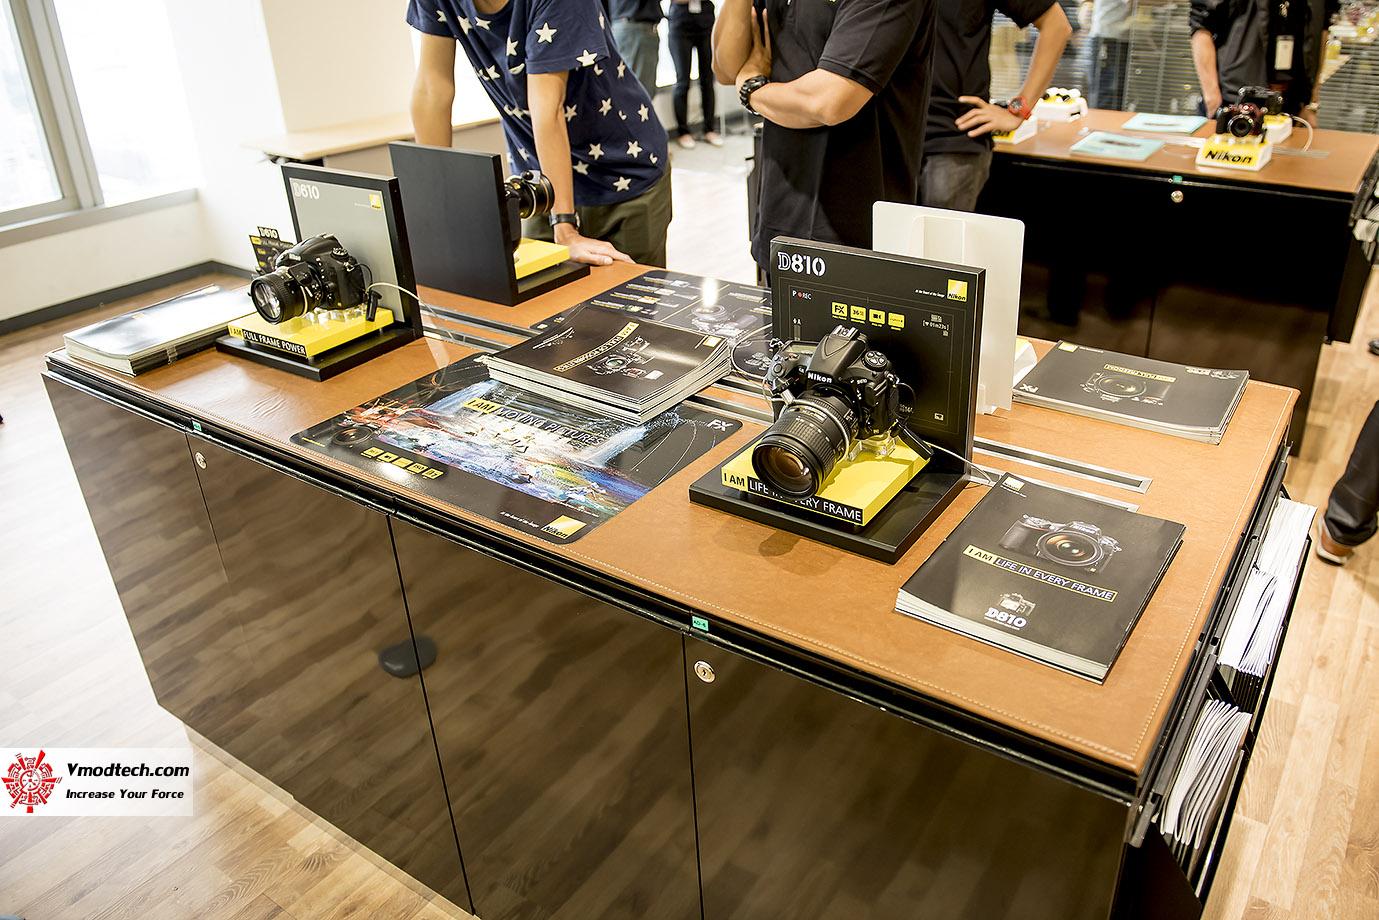 dsc 6627 ภาพบรรยากาศงานเปิดตัว Nikon Square ในประเทศไทย